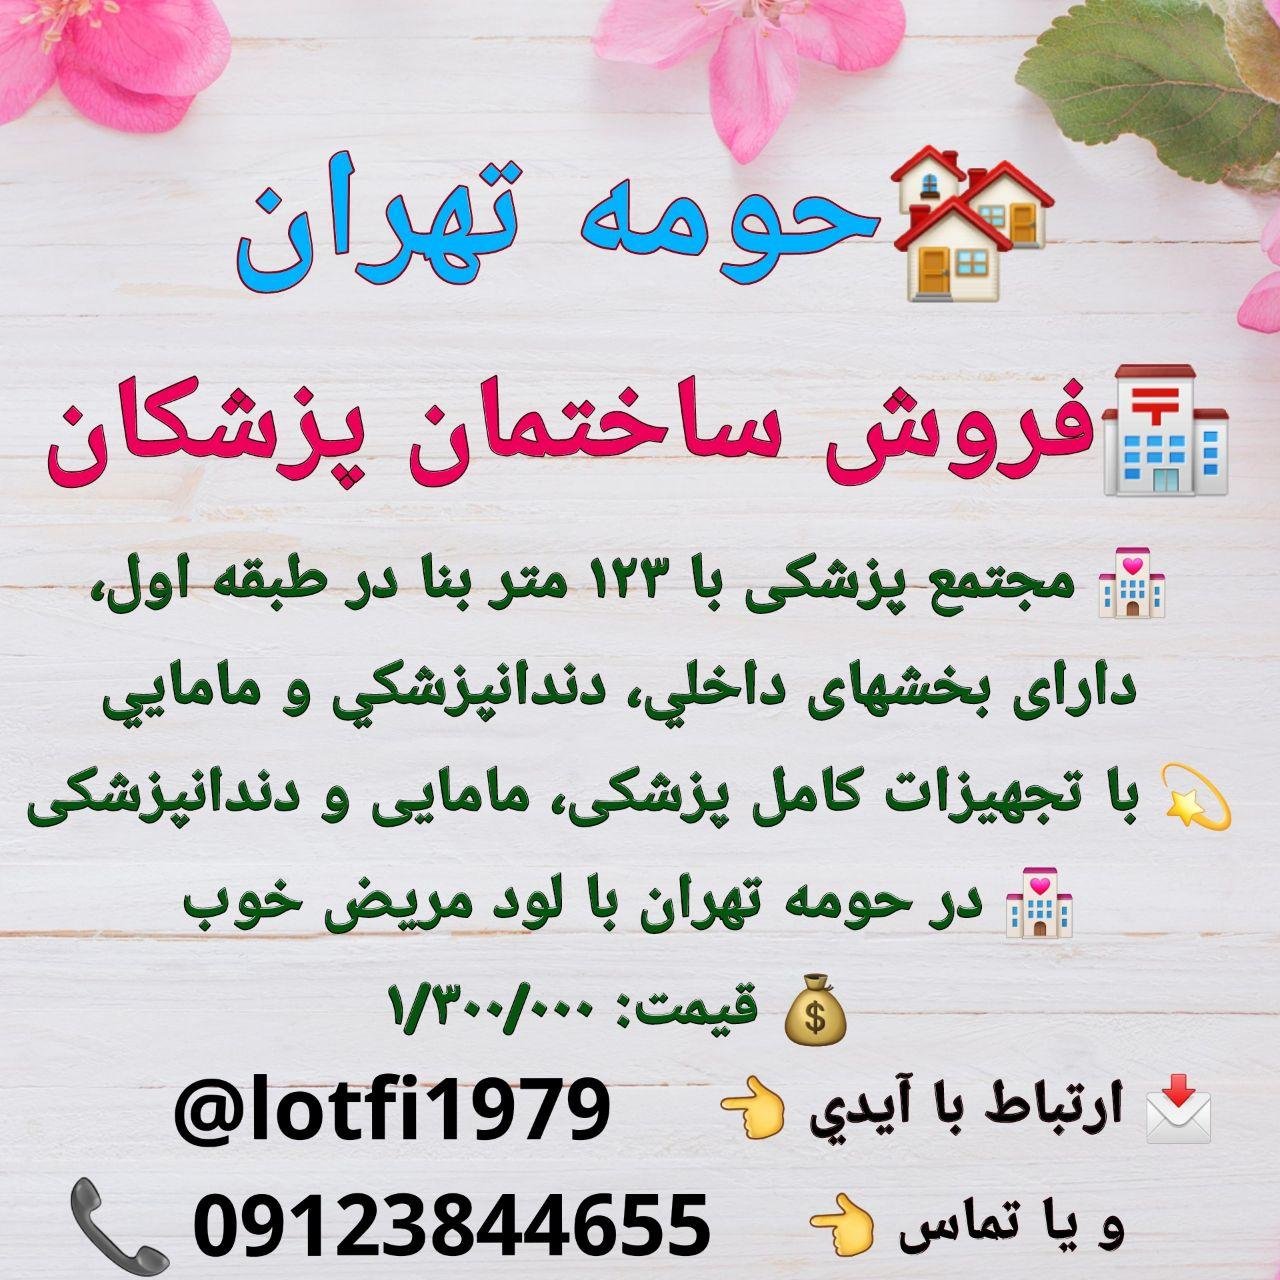 حومه تهران، فروش ساختمان پزشکان